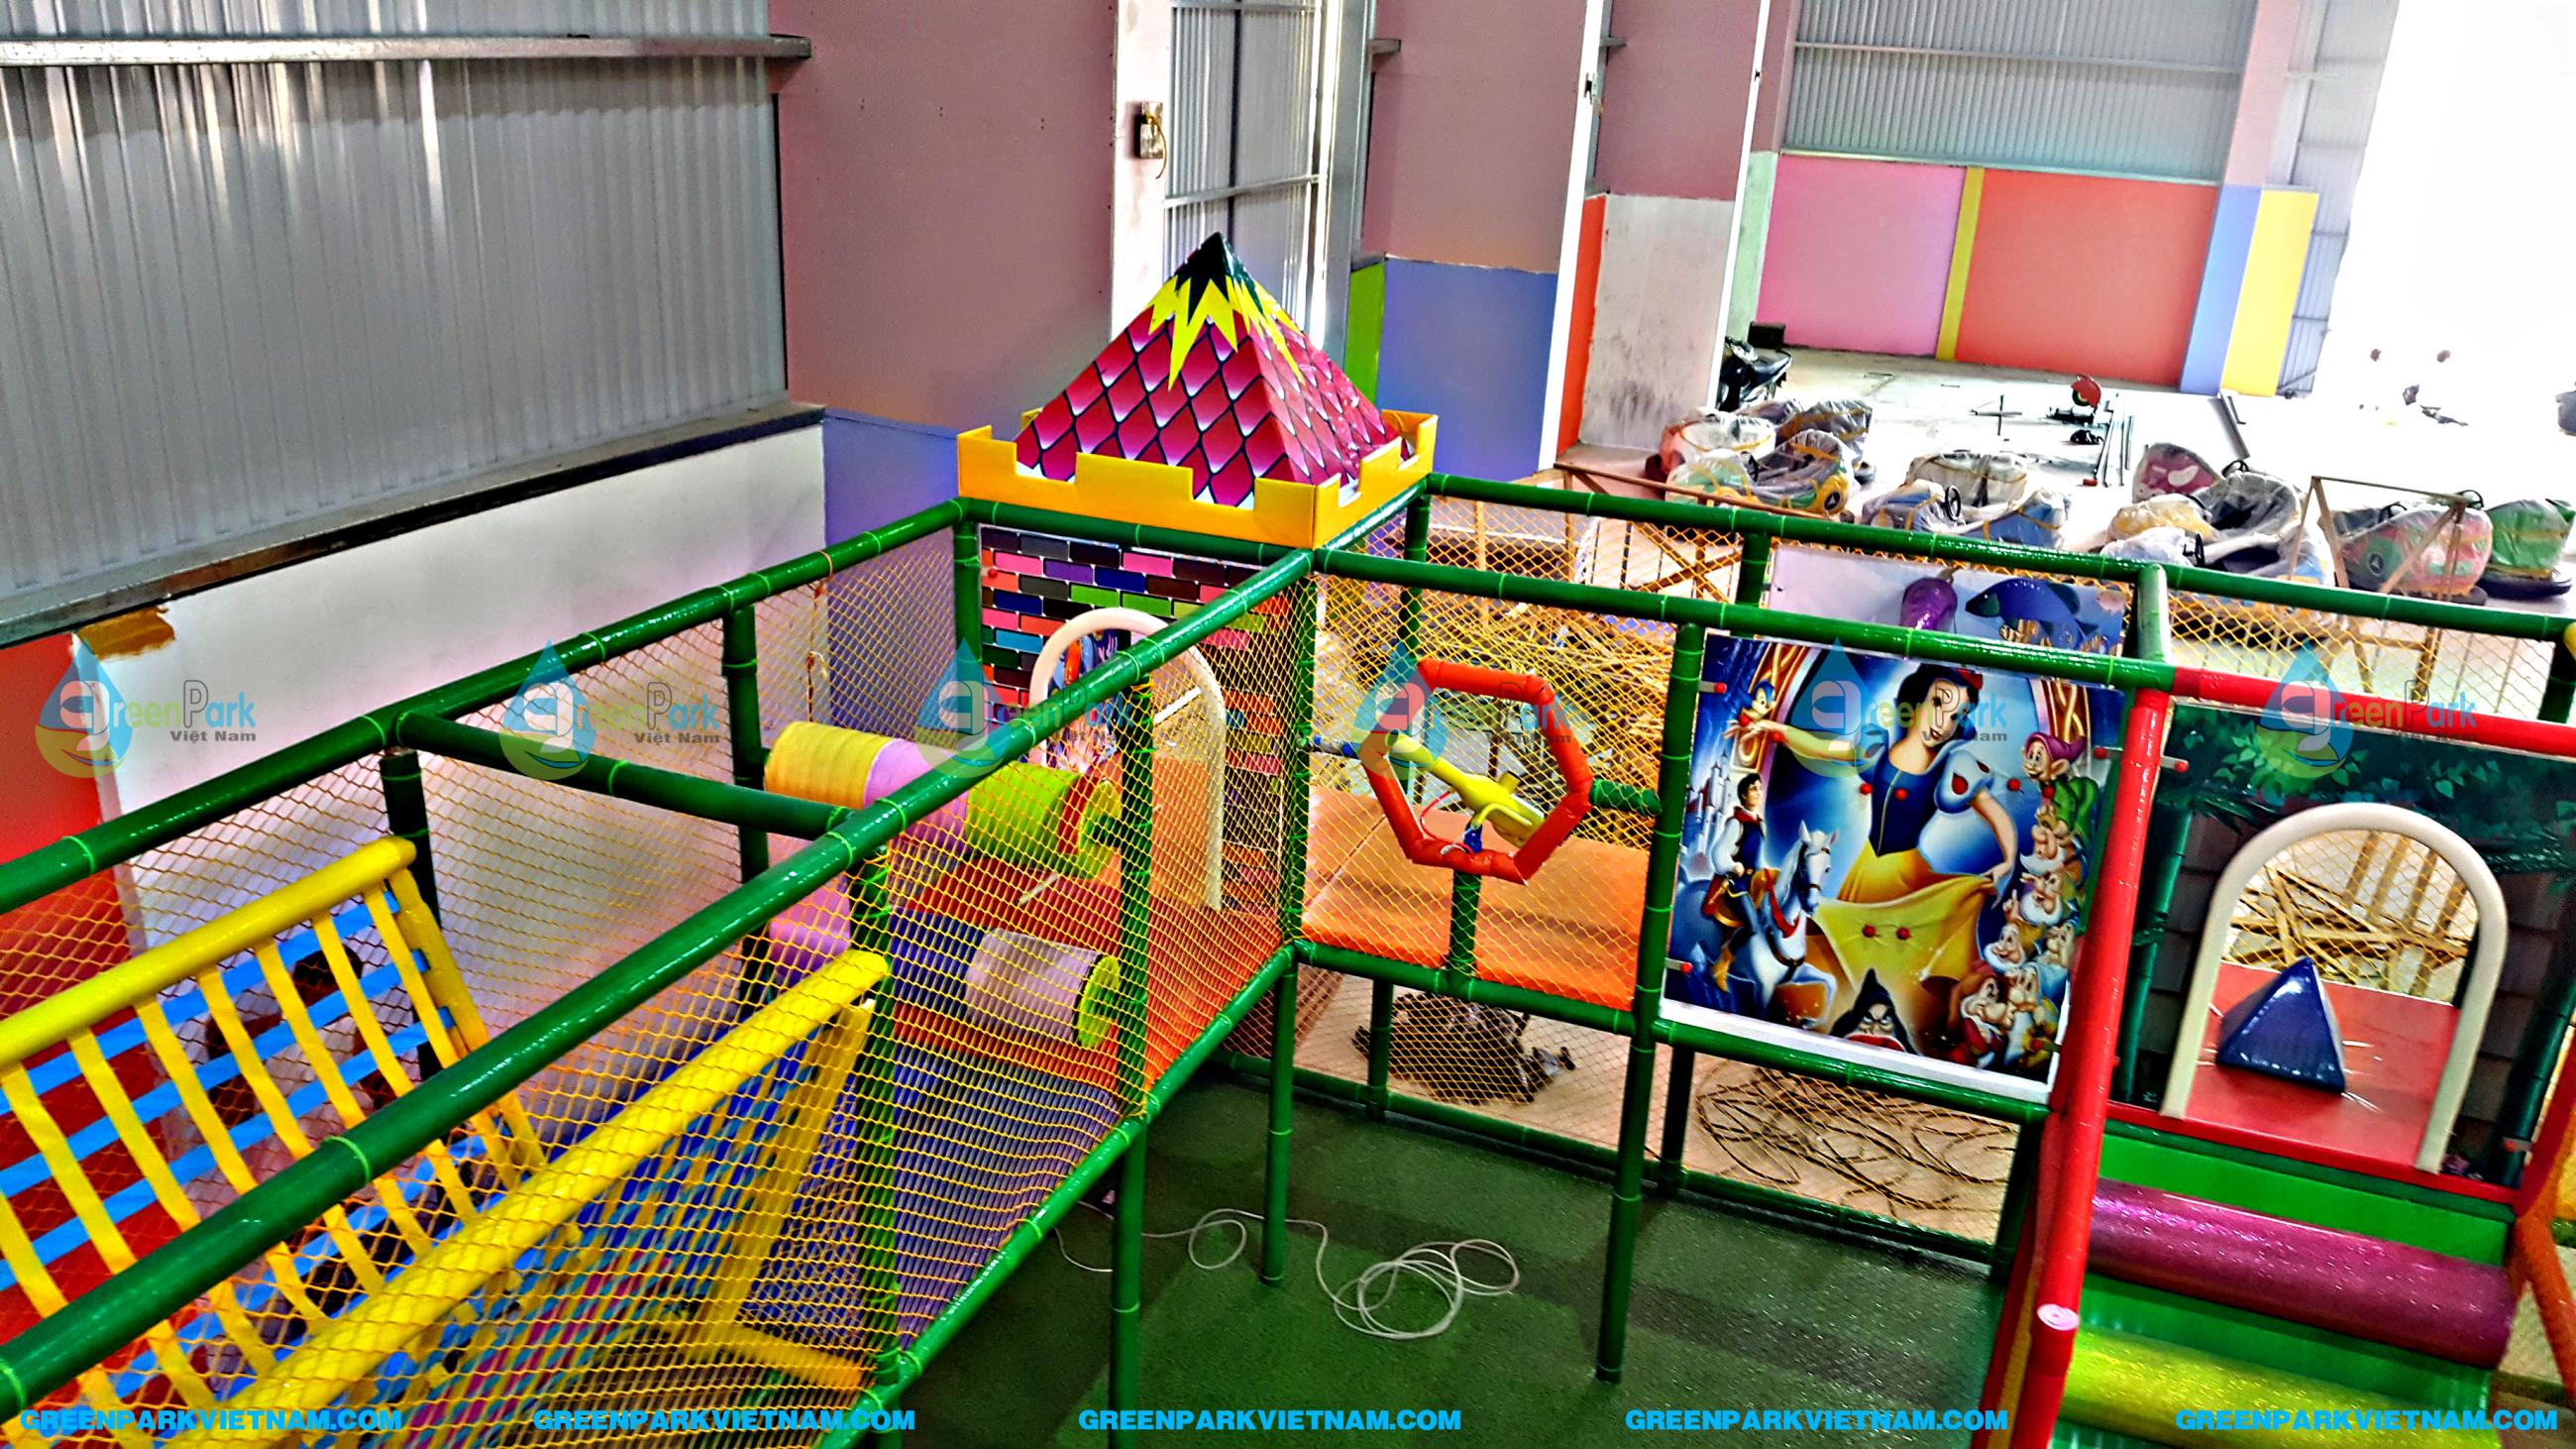 Khu vui chơi trẻ em Kidsmile - Long Bình Plaza